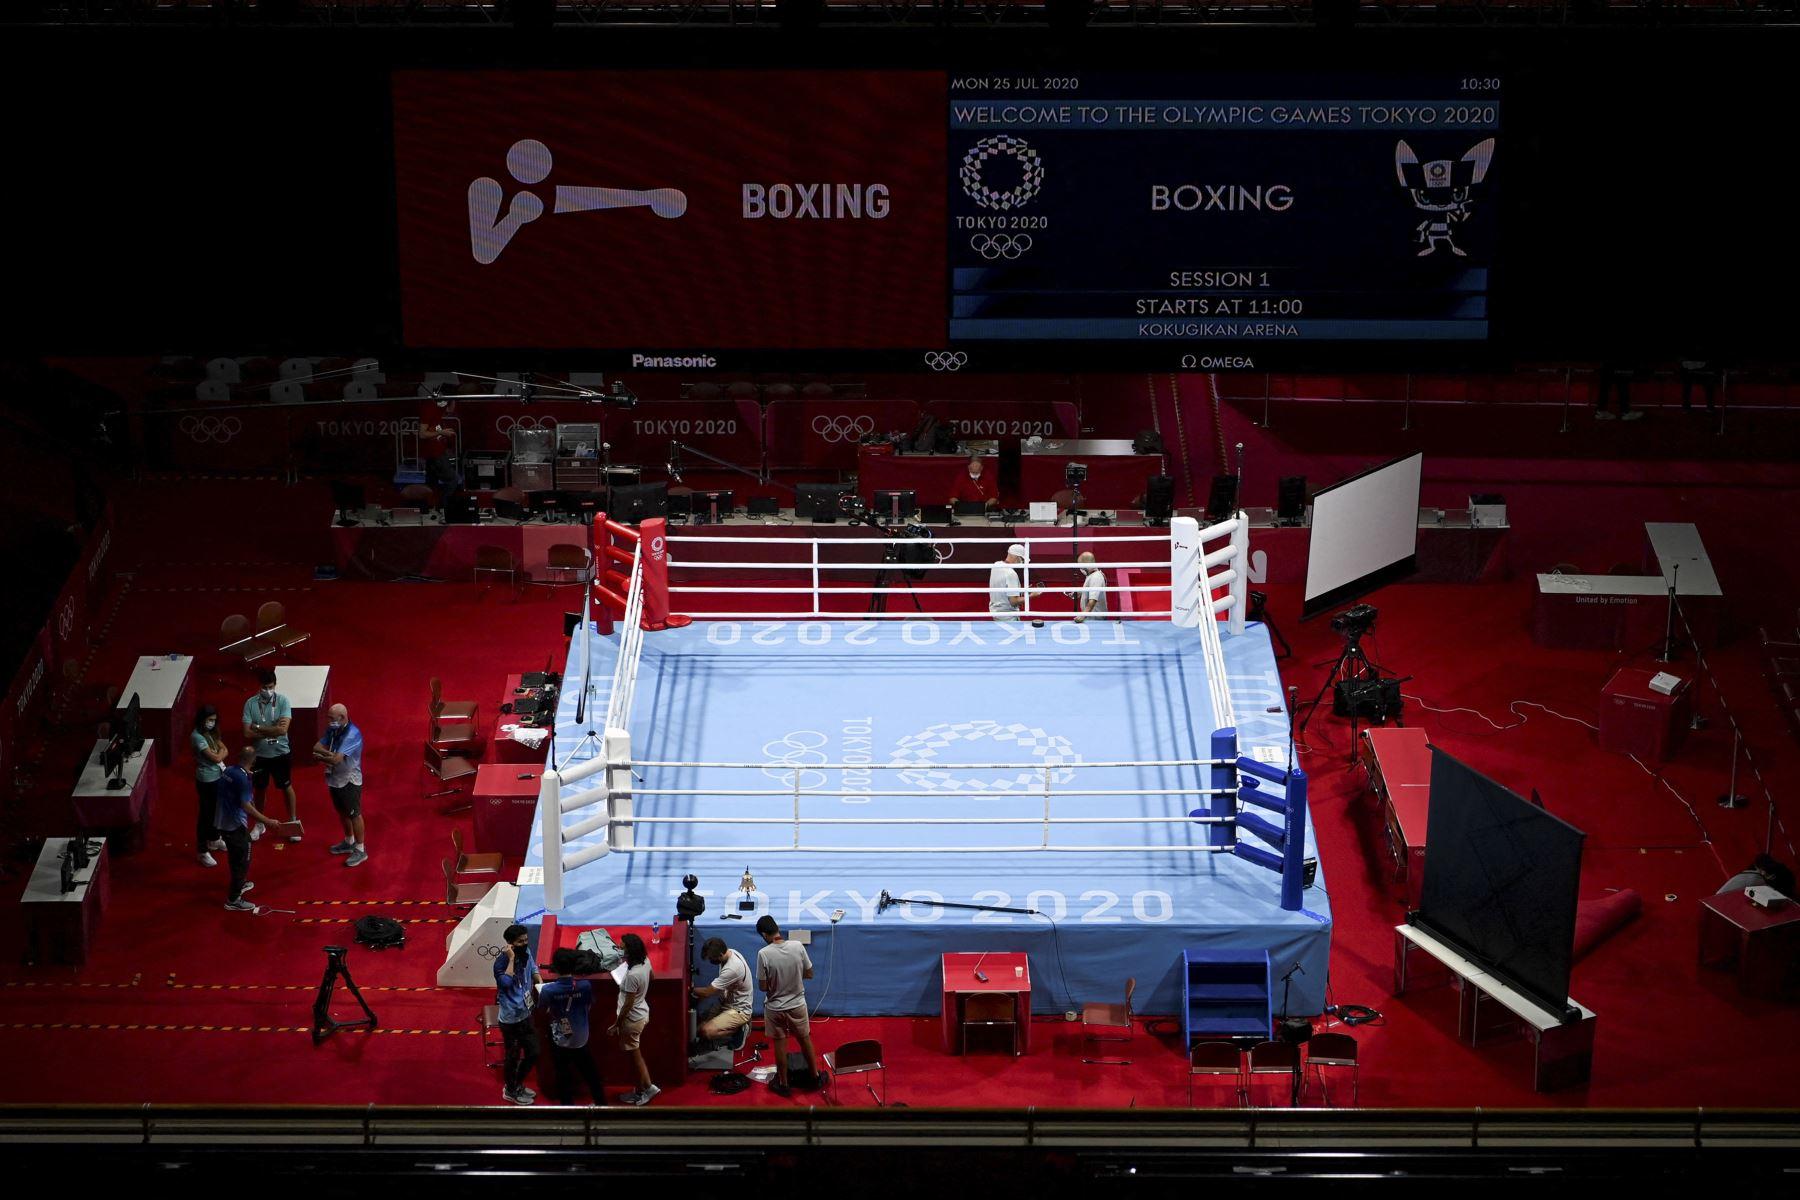 Los trabajadores preparan el Kokugikan Arena en Tokio, antes del inicio de los Juegos Olímpicos de Tokio 2020. Foto: AFP